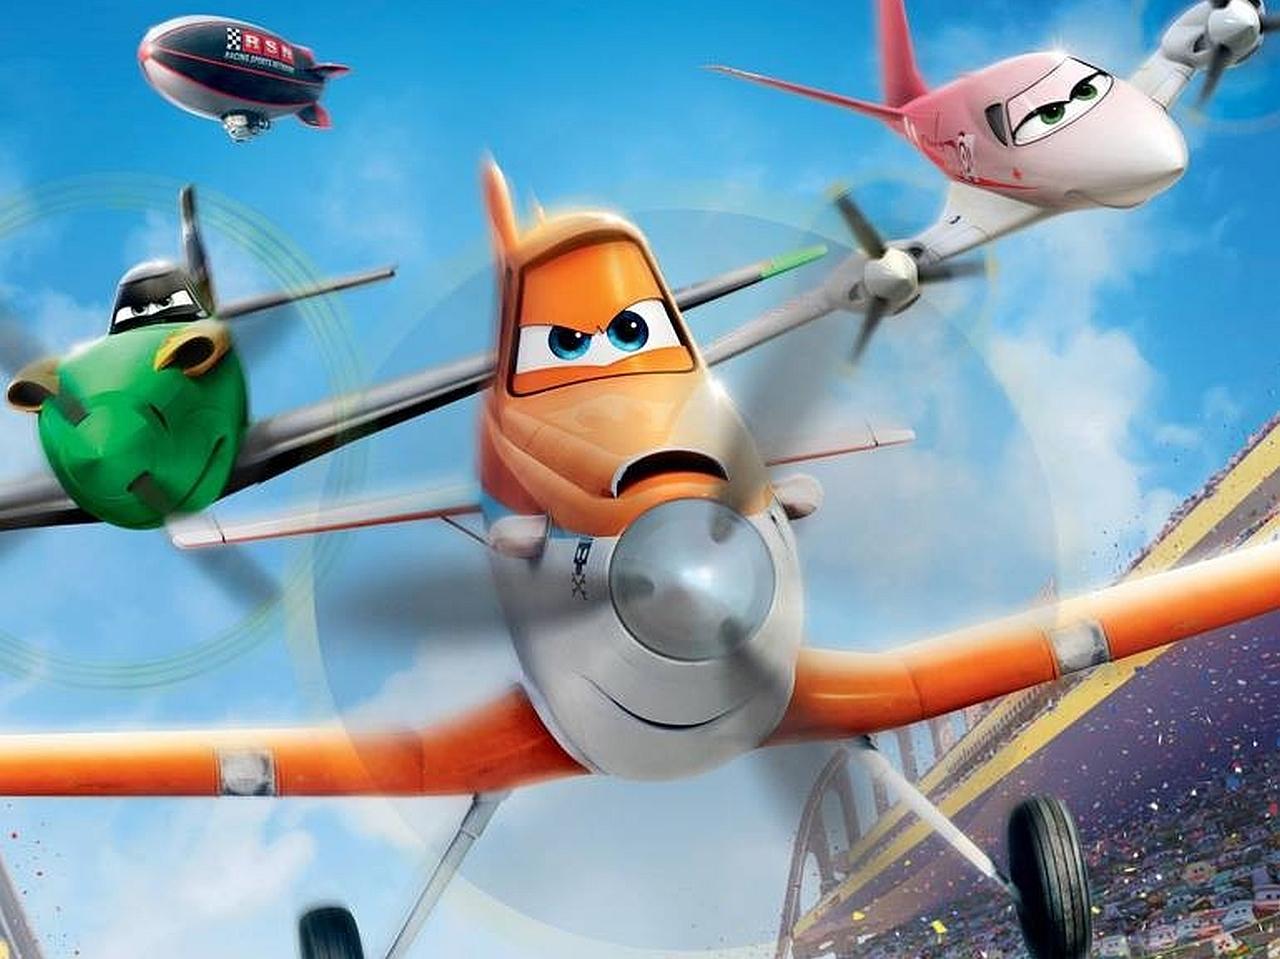 Planes 2: Anh hùng và Biển lửa lại với thế giới máy bay đầy màu sắc